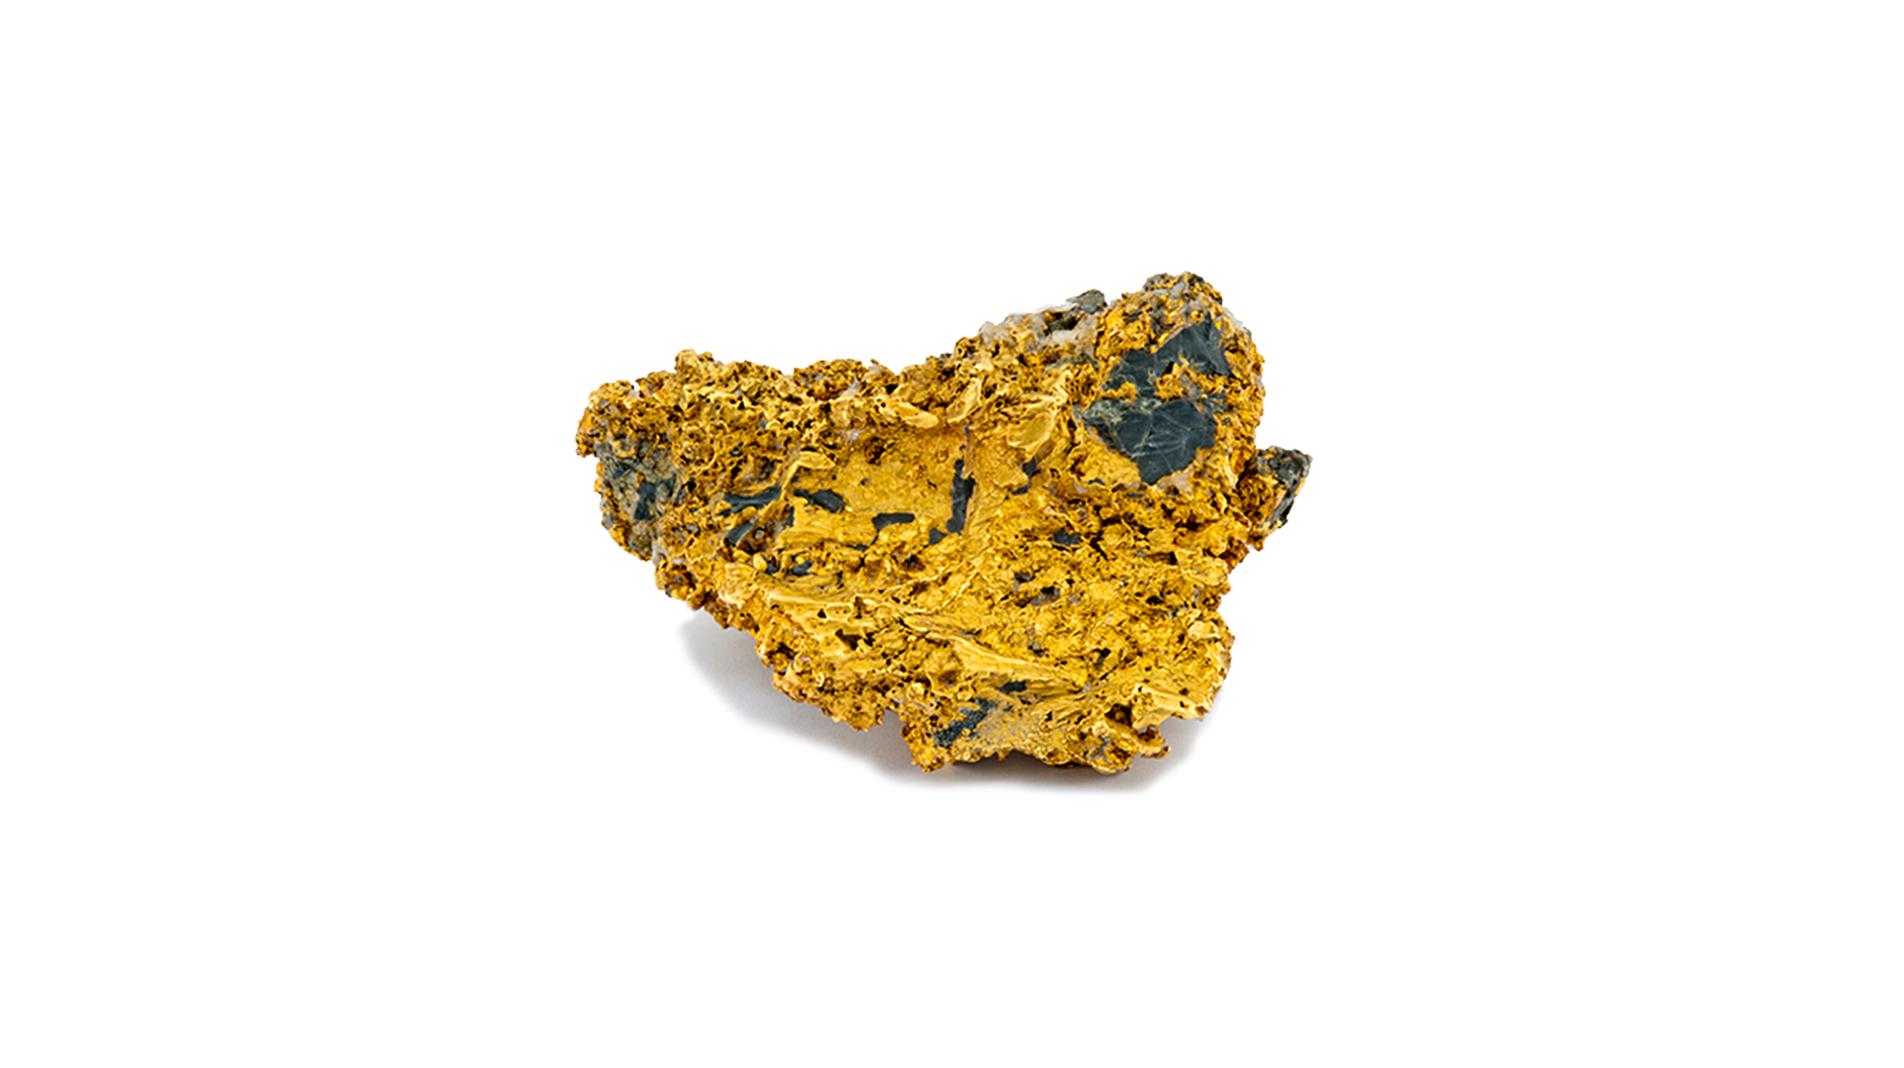 Gold: A Nova Scotia Treasure